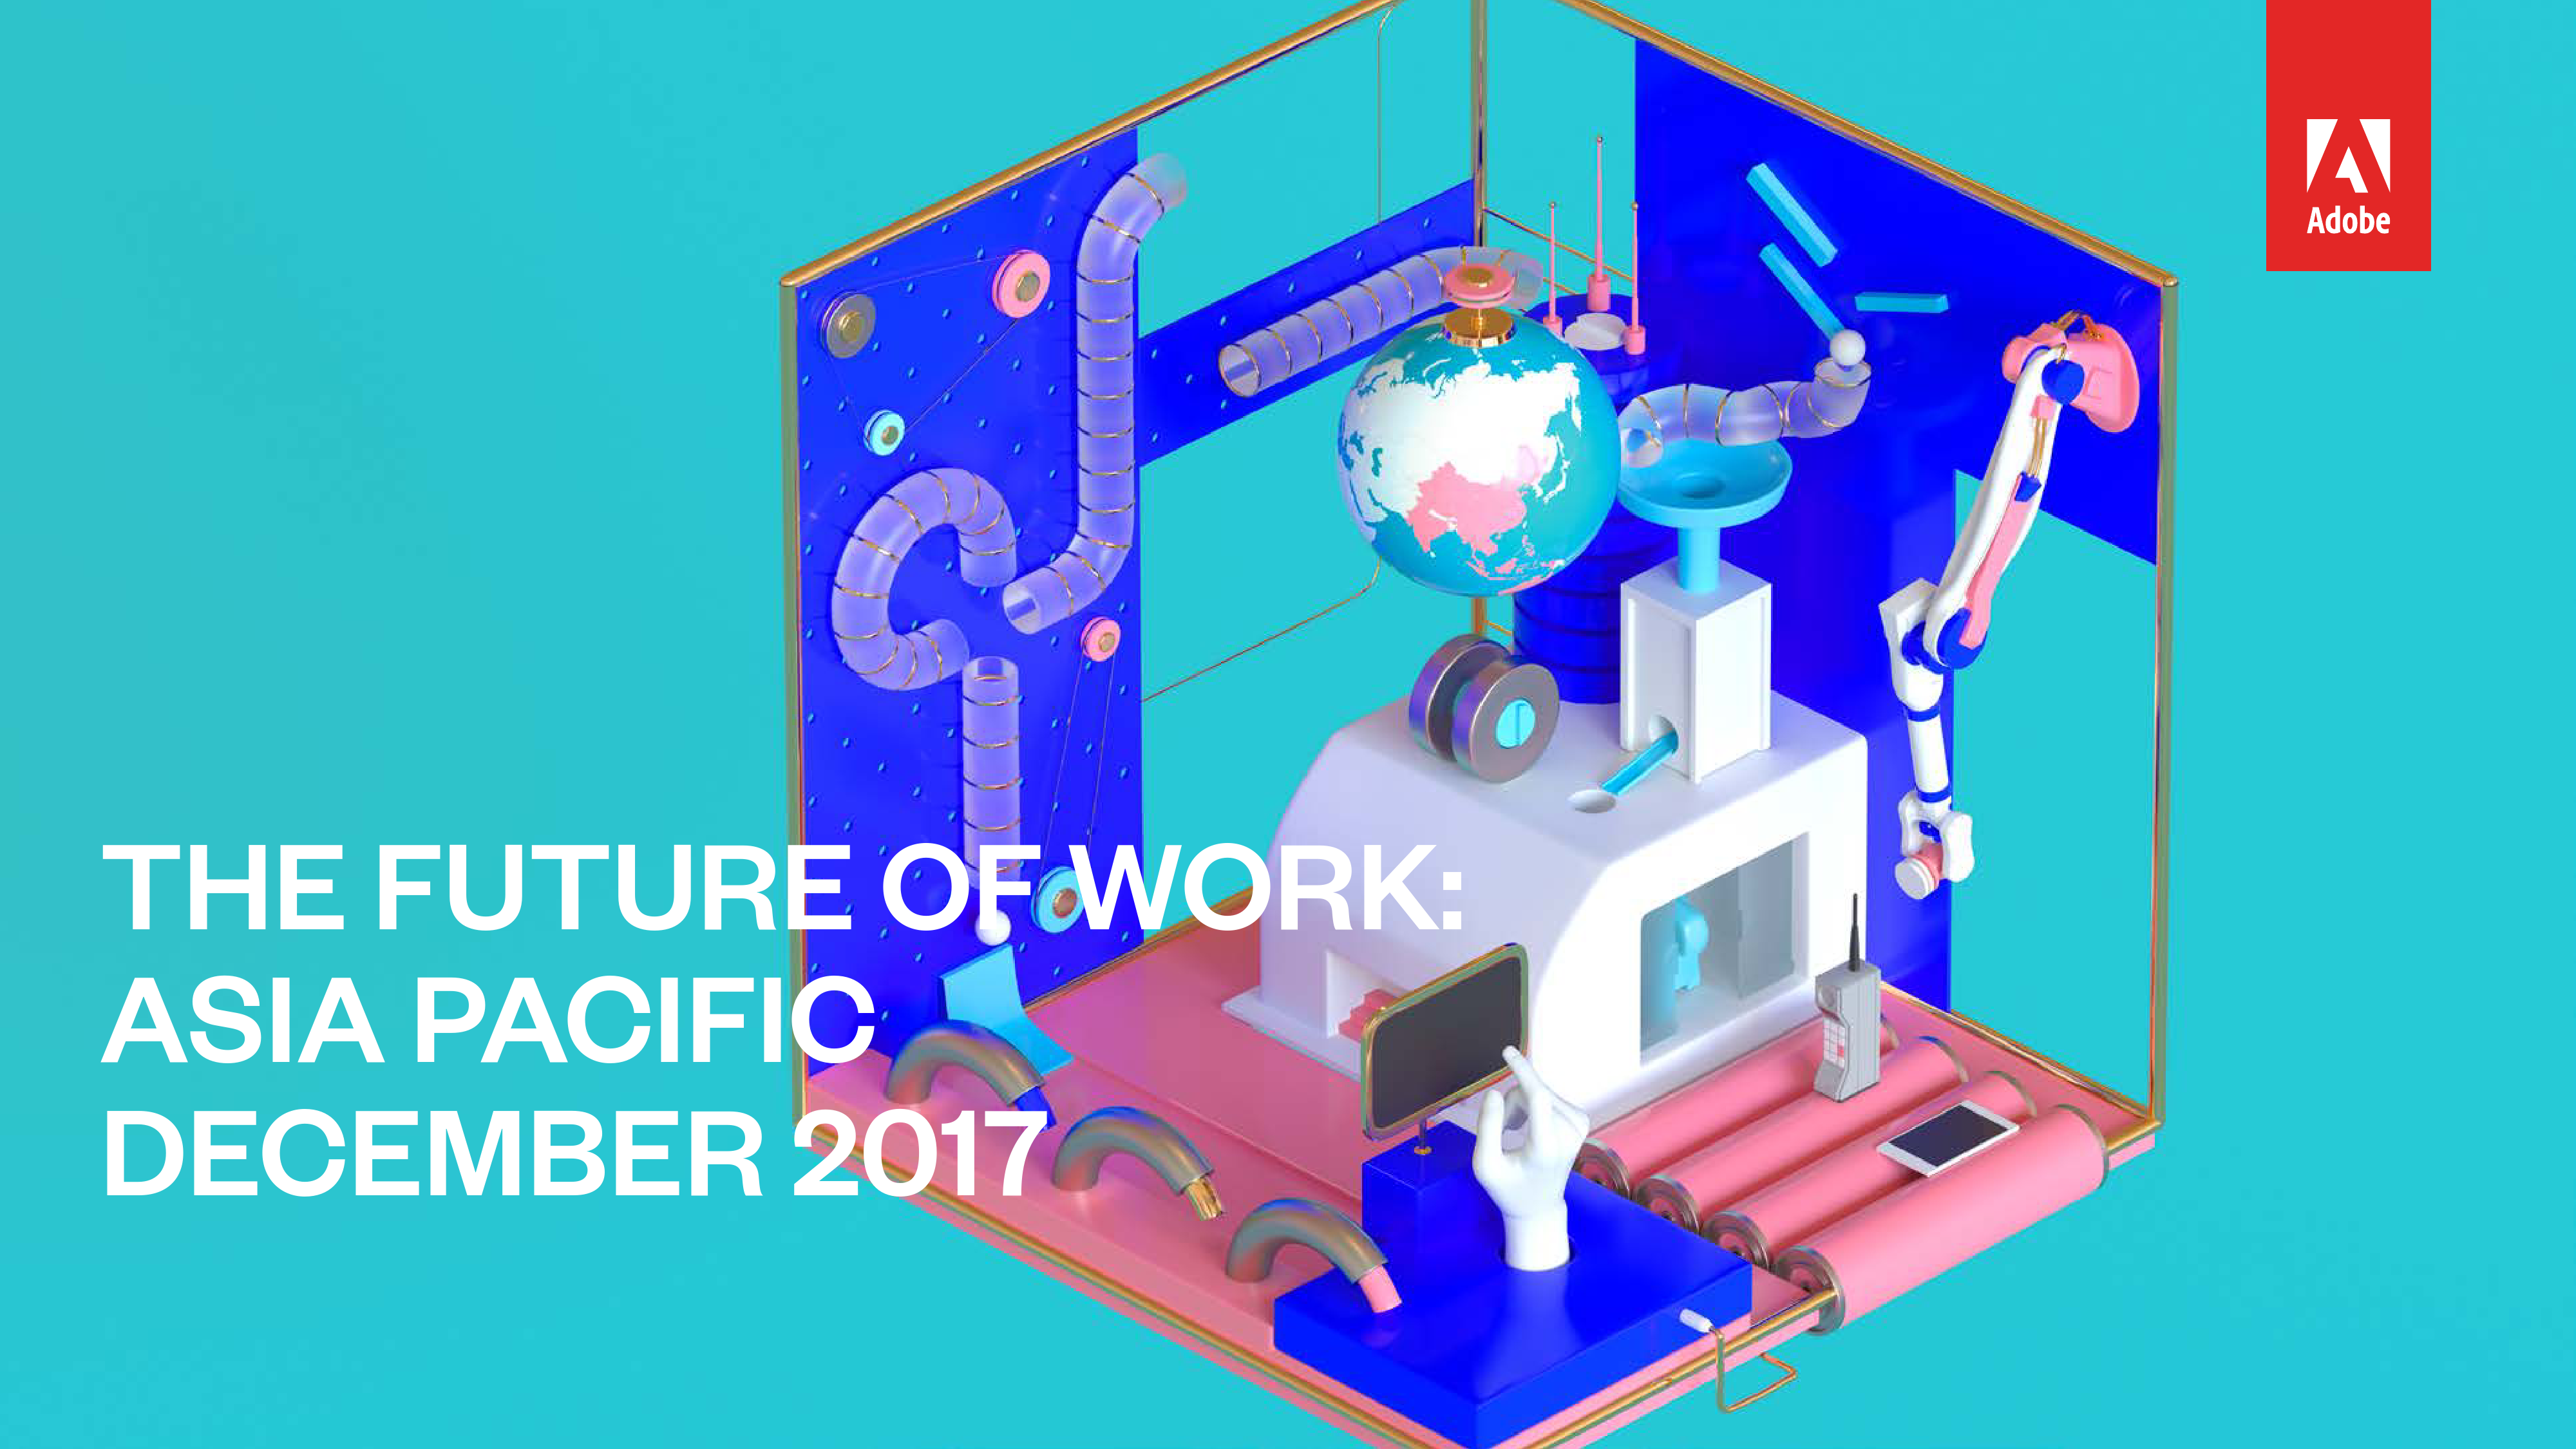 工作大未来:亚太区调查